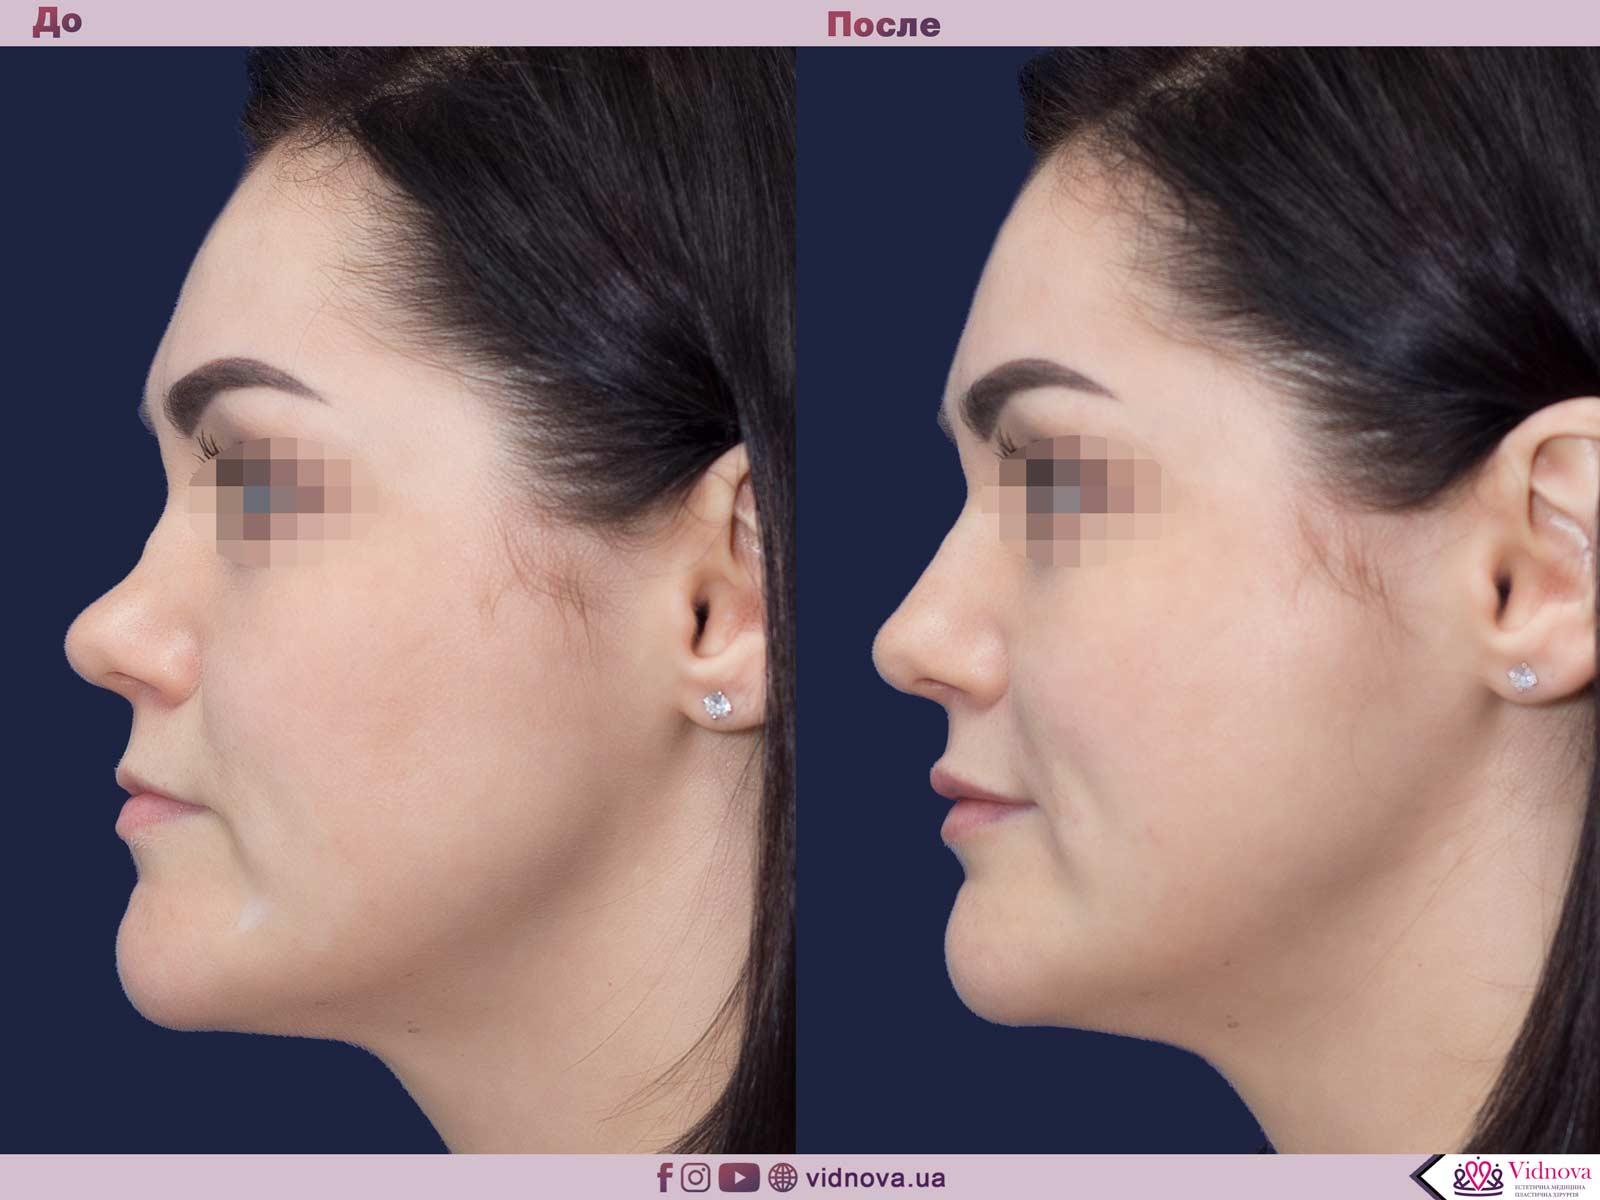 Ринопластика: Фото ДО и ПОСЛЕ - Пример №6-3 - Клиника Vidnova